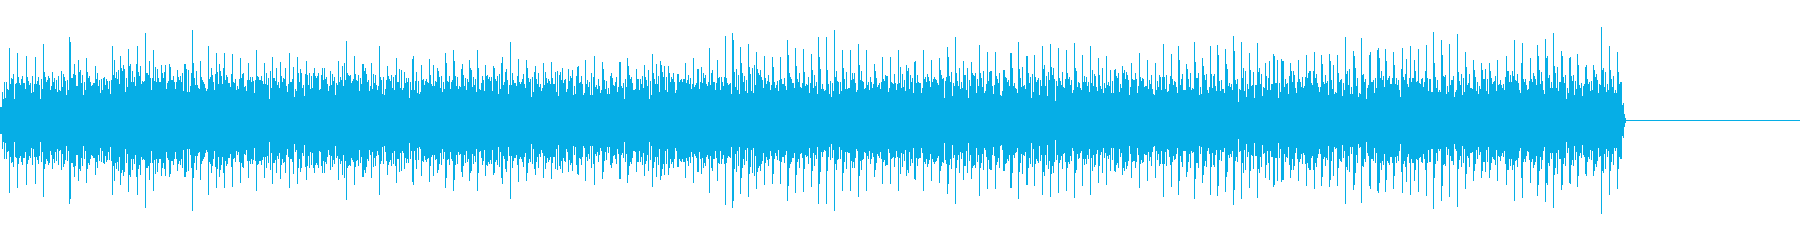 点火エンジン----実行中-屋内の再生済みの波形